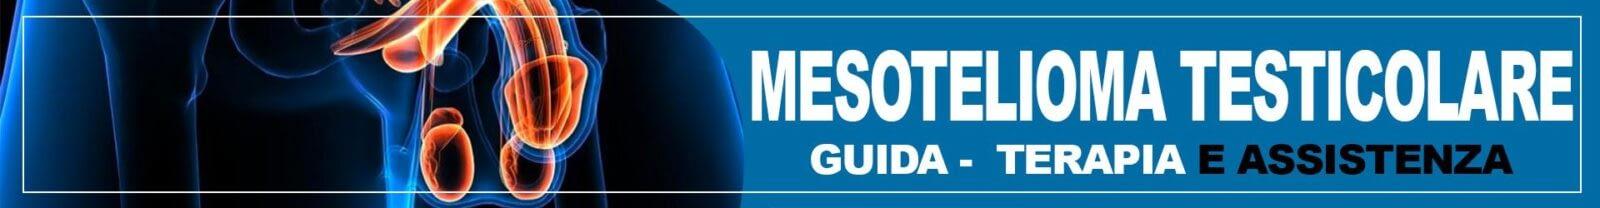 Mesotelioma Testicolare